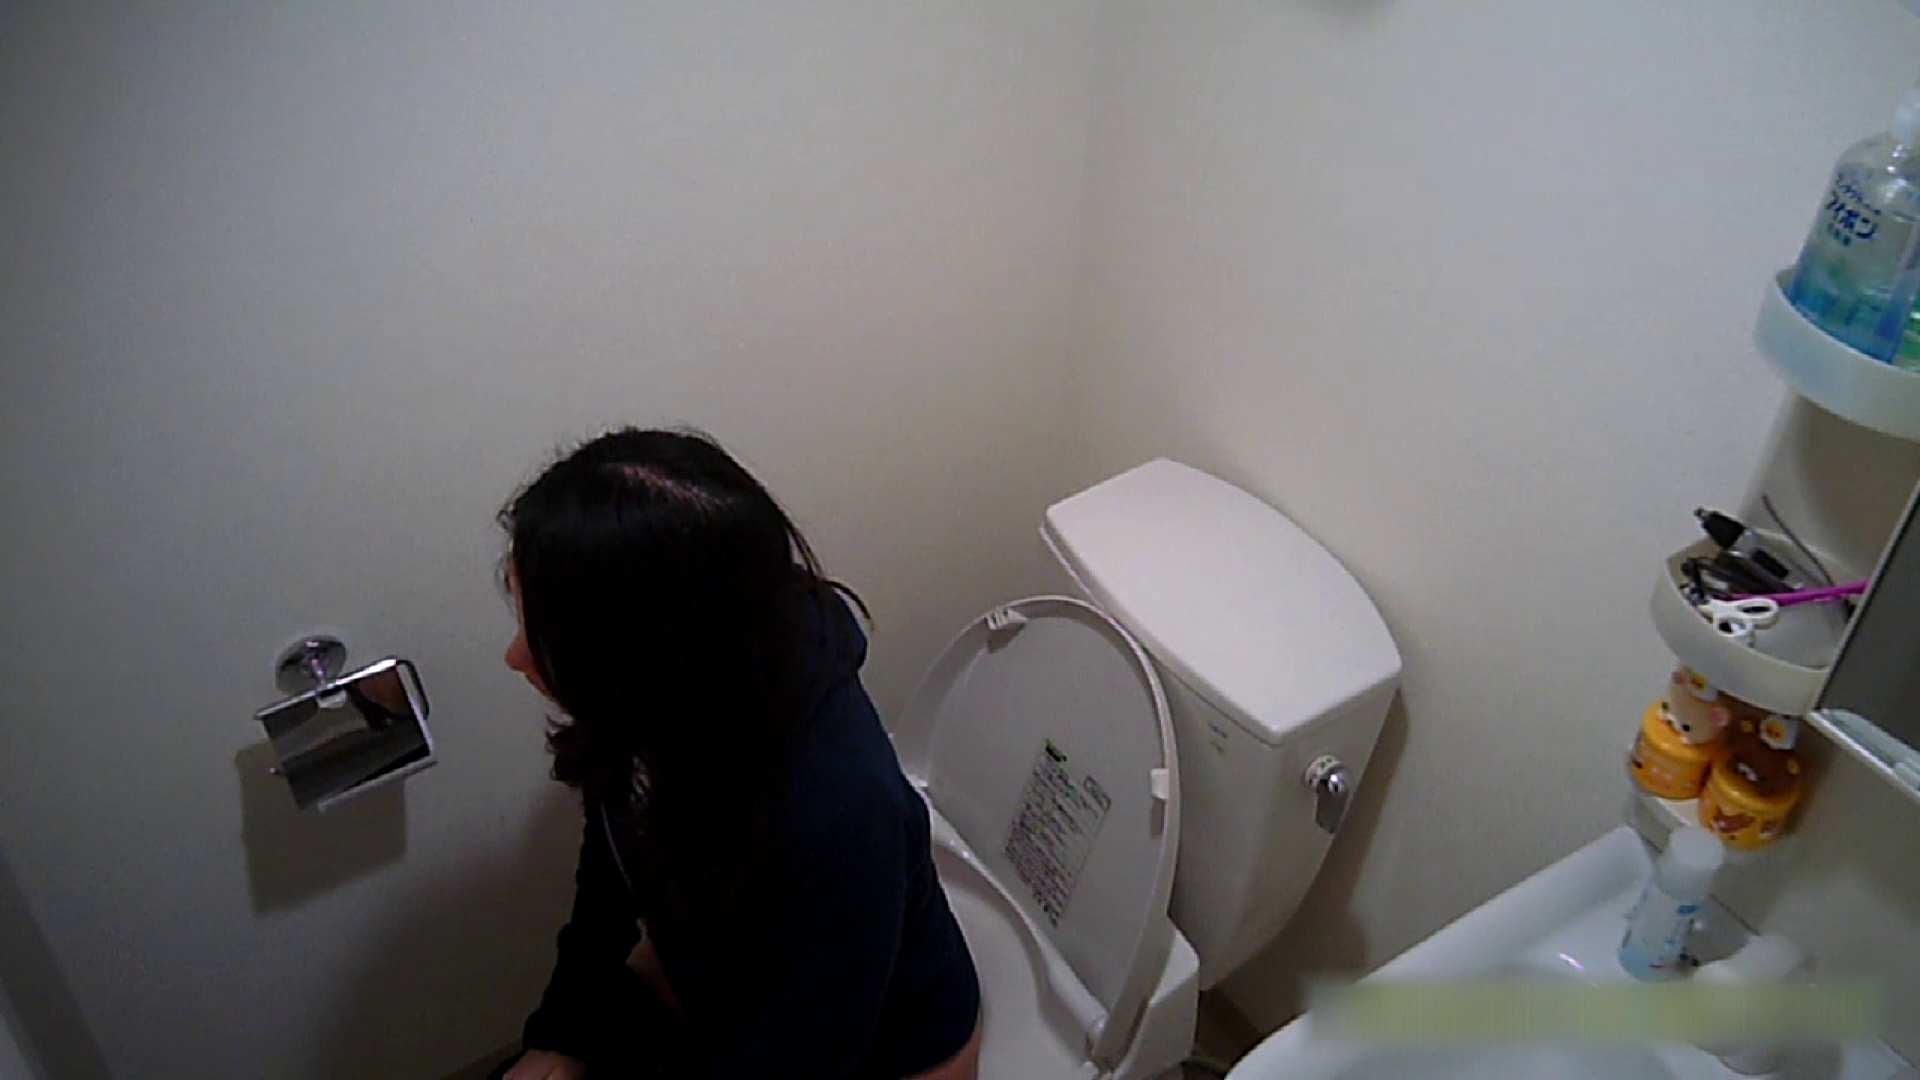 清楚な顔してかなり敏感なE子25歳(仮名)Vol.04 トイレ編 洗面所 | お姉さん攻略  62画像 41